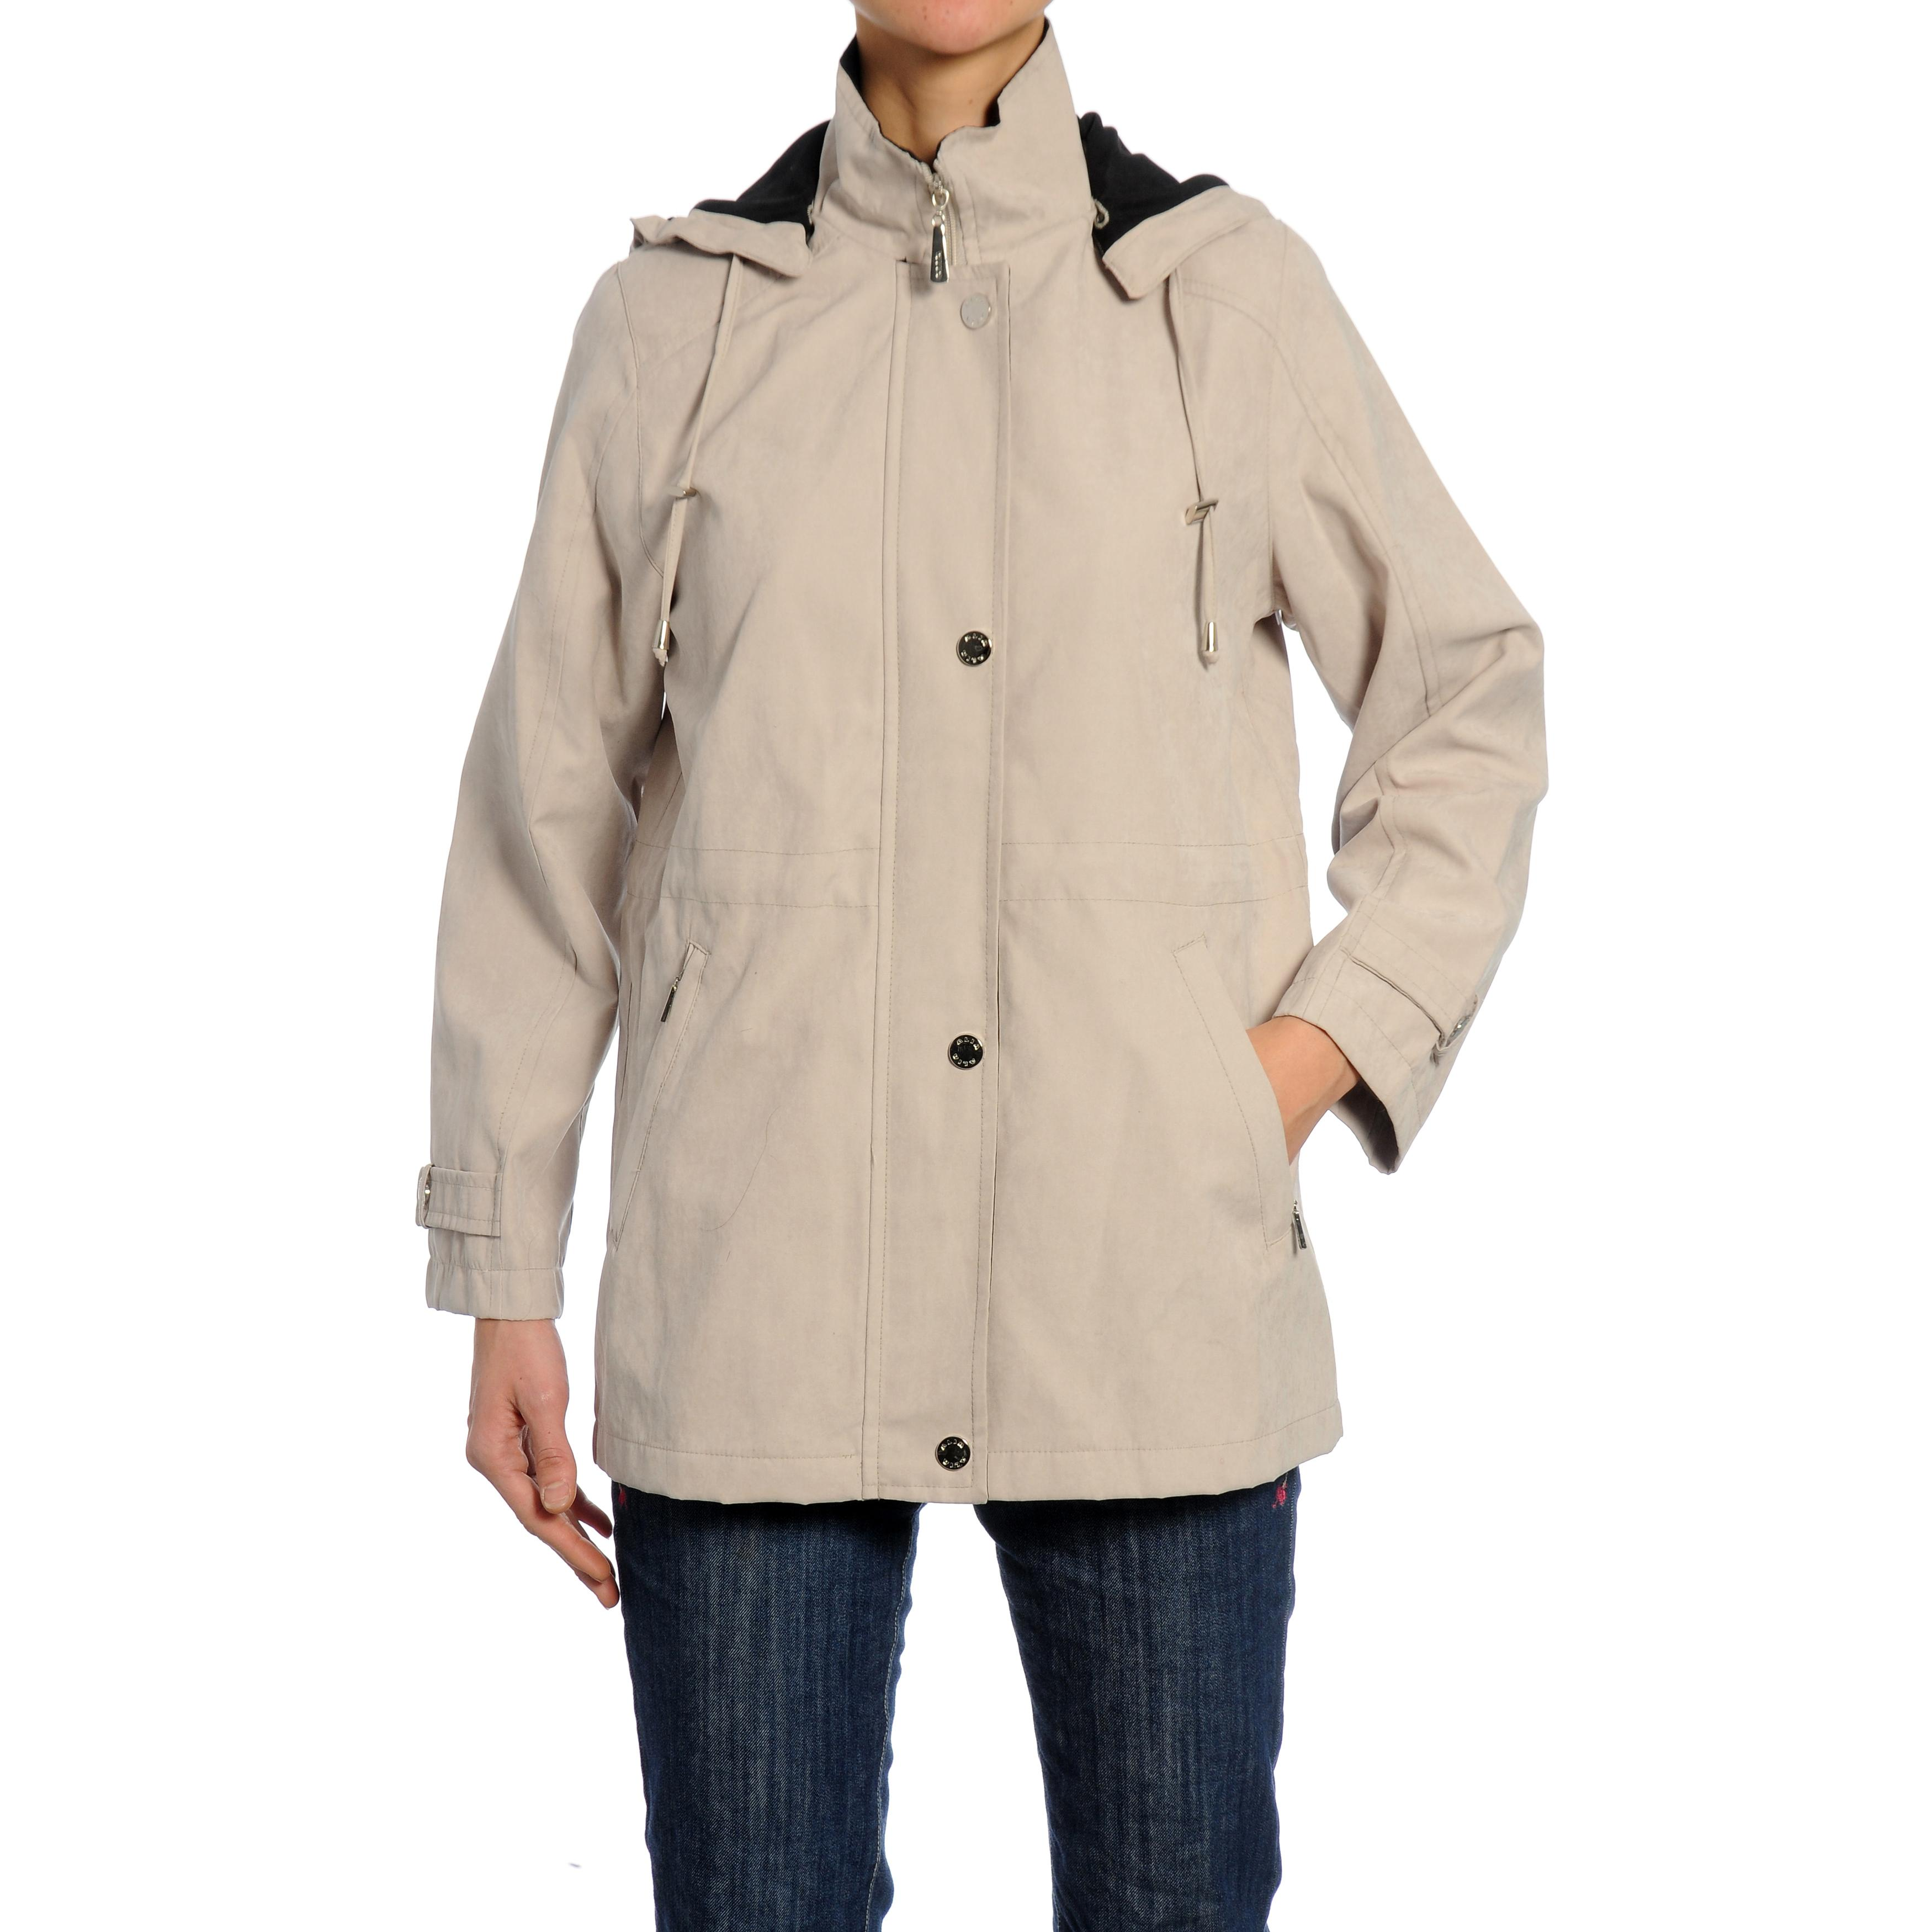 Nuage Women's 'Moss' Fleece-lined Hooded Jacket